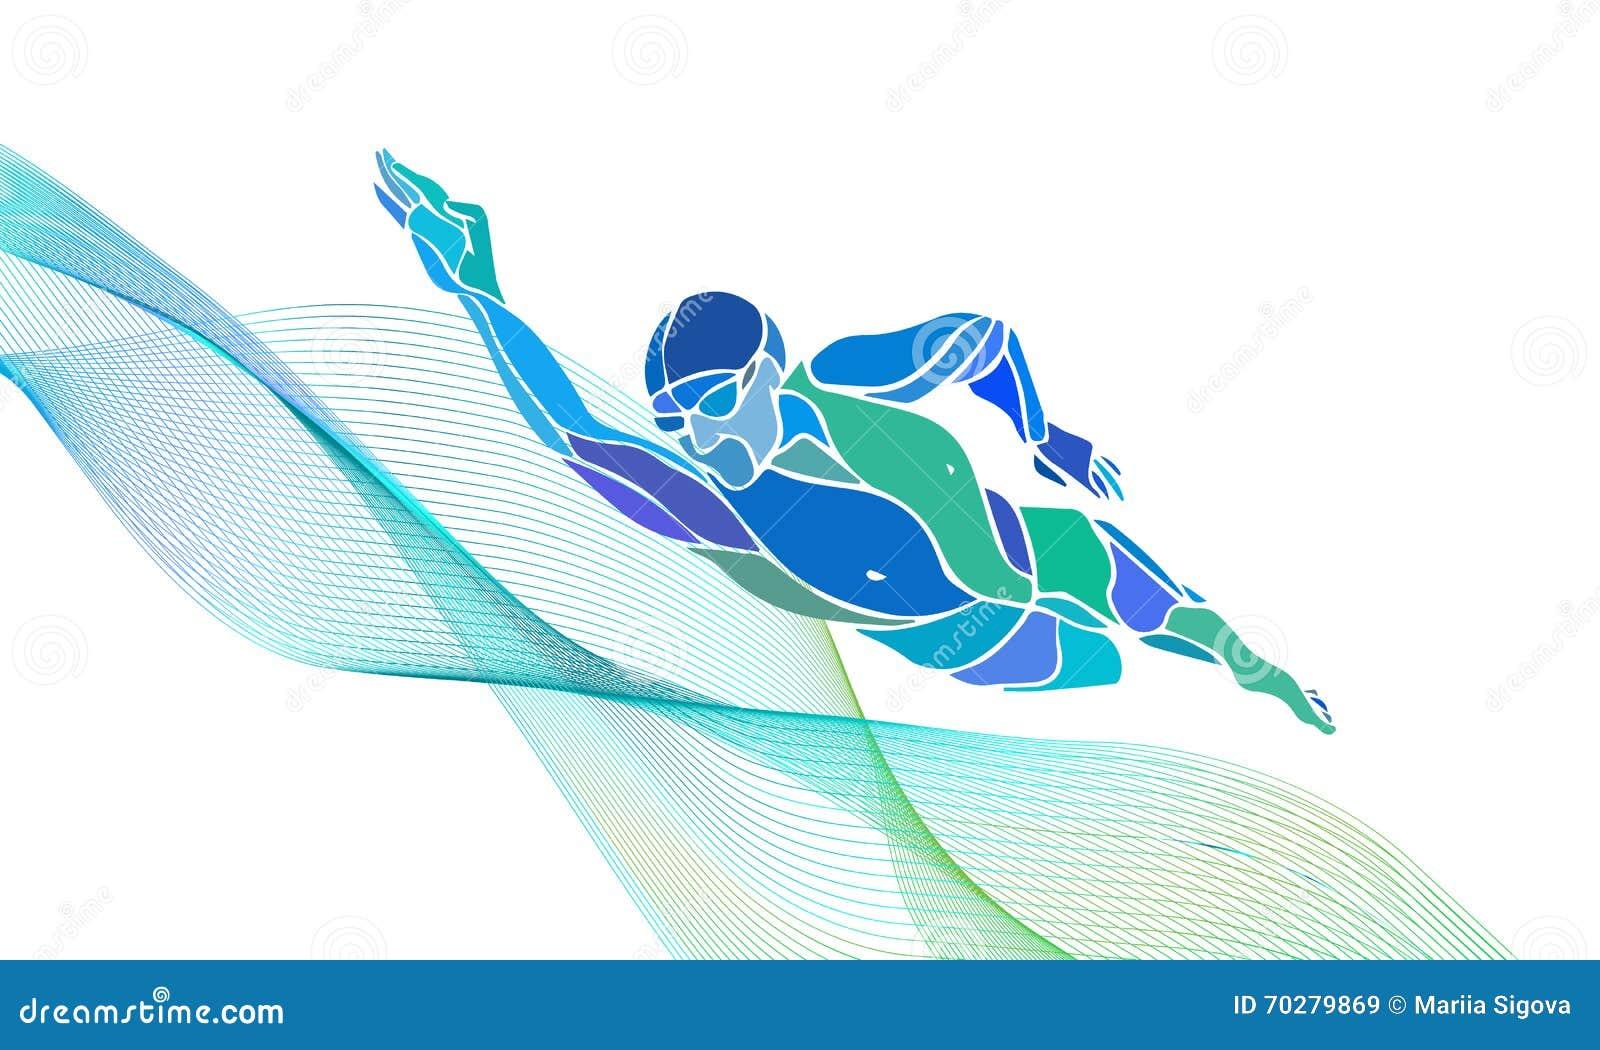 自由式游泳者剪影 体育游泳 向量例证. 插画 包括有 颜色, 人员, 剪影, 活动家, 对象, 抽象, 种族 ...